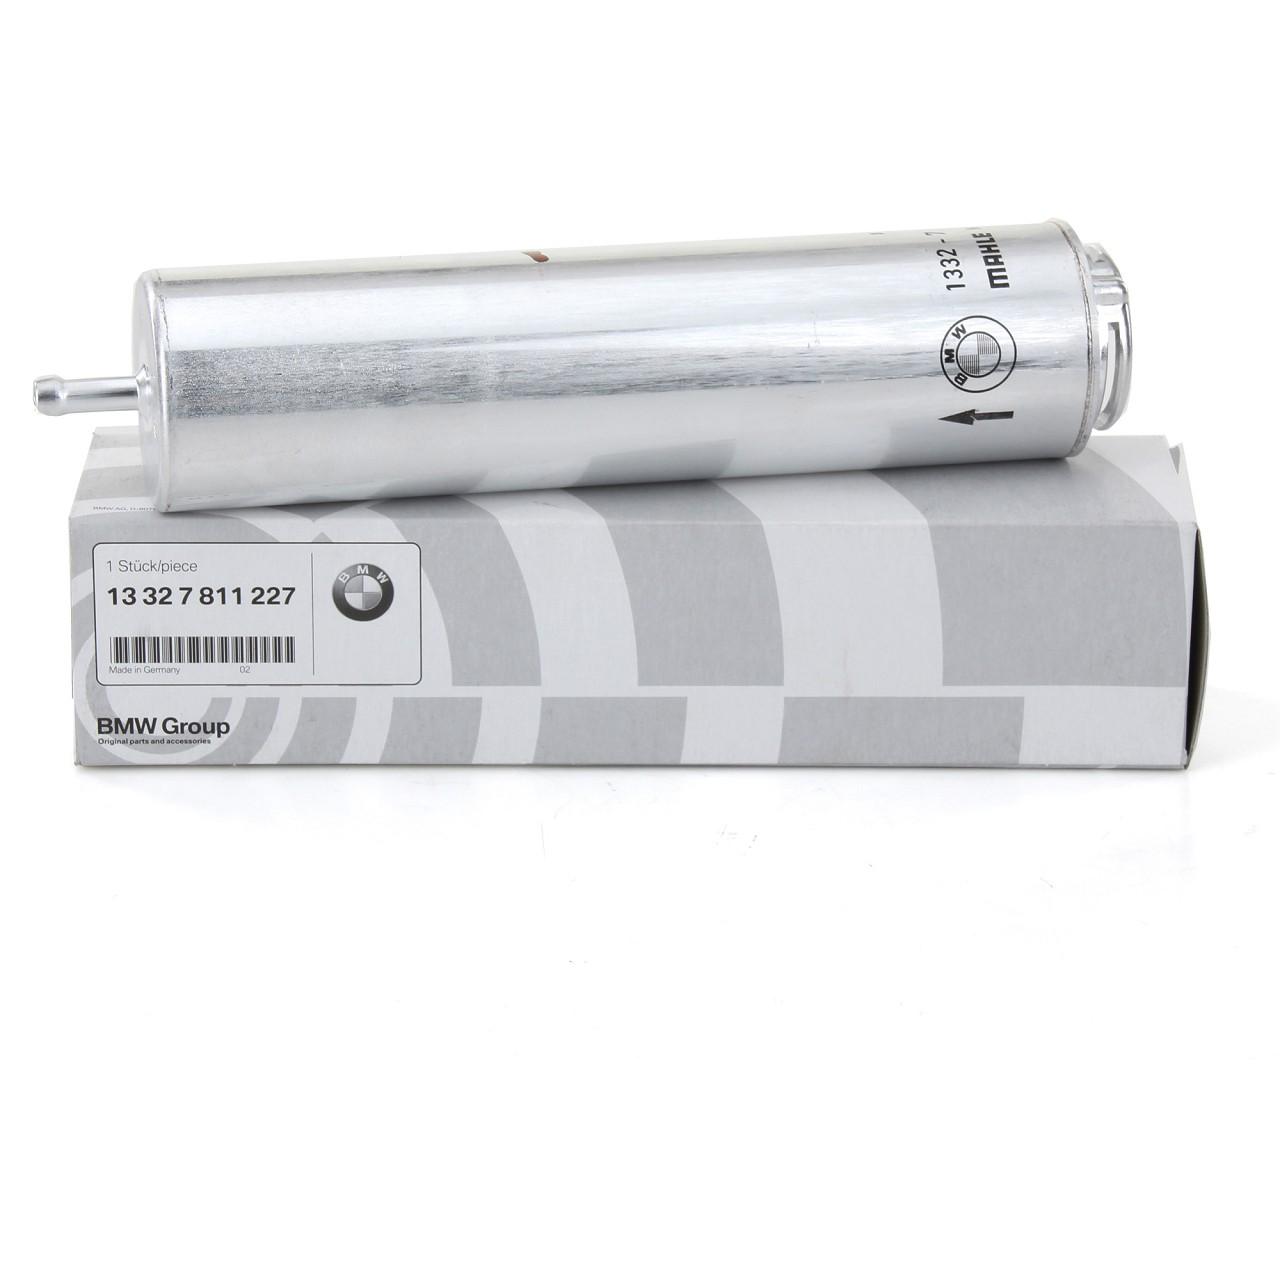 ORIGINAL BMW Kraftstofffilter Dieselfilter 116-123d 330d 520-535d 13327811227